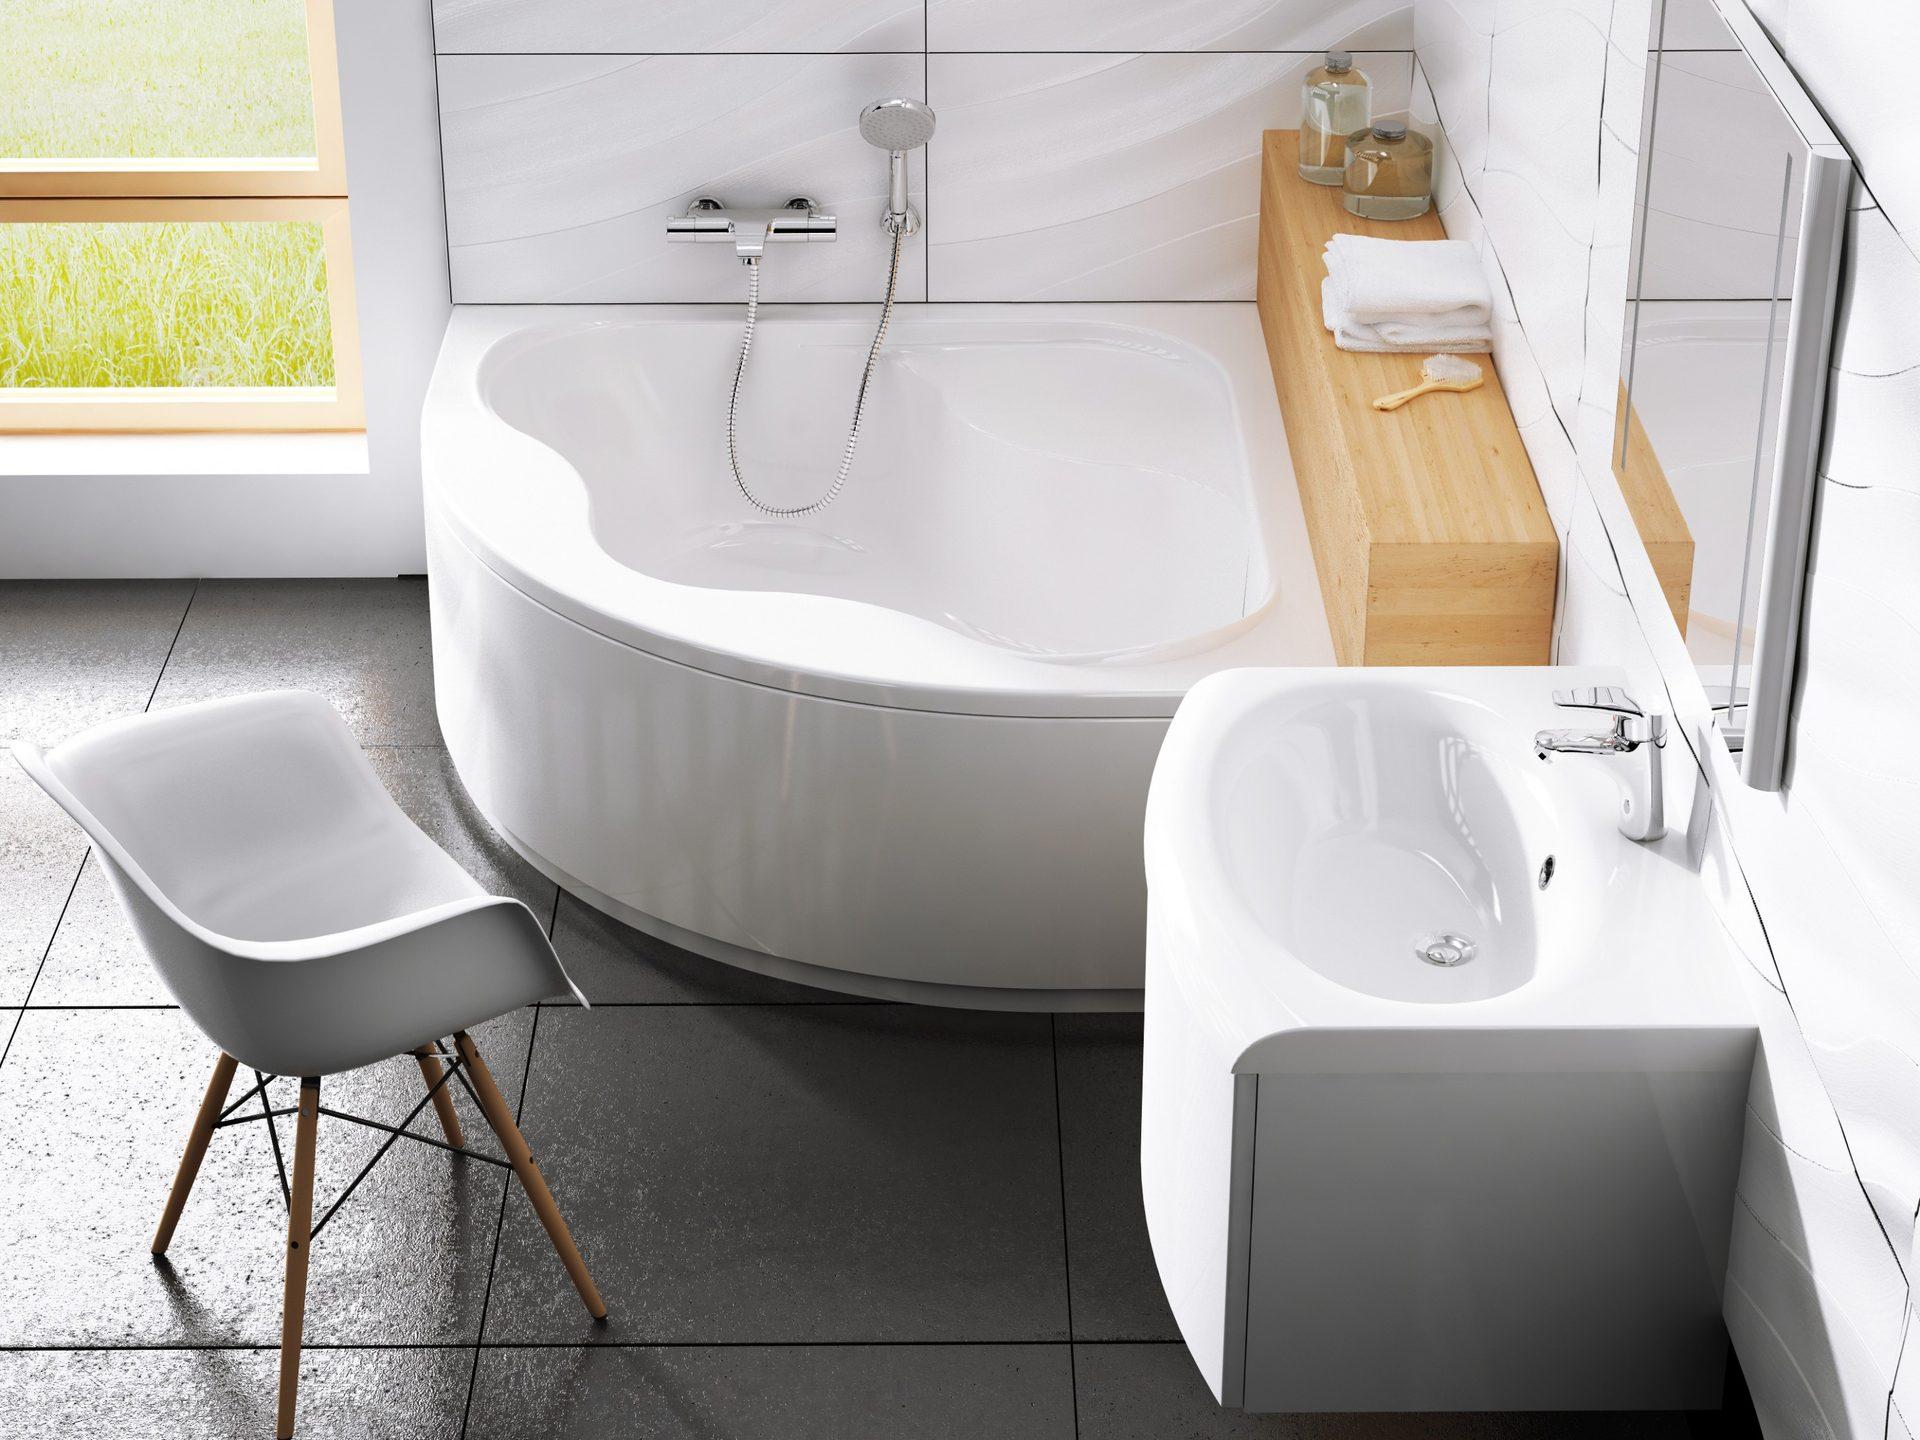 Eckbadewanne Schürze 150 x 150 cm weiß   Bad Design Heizung